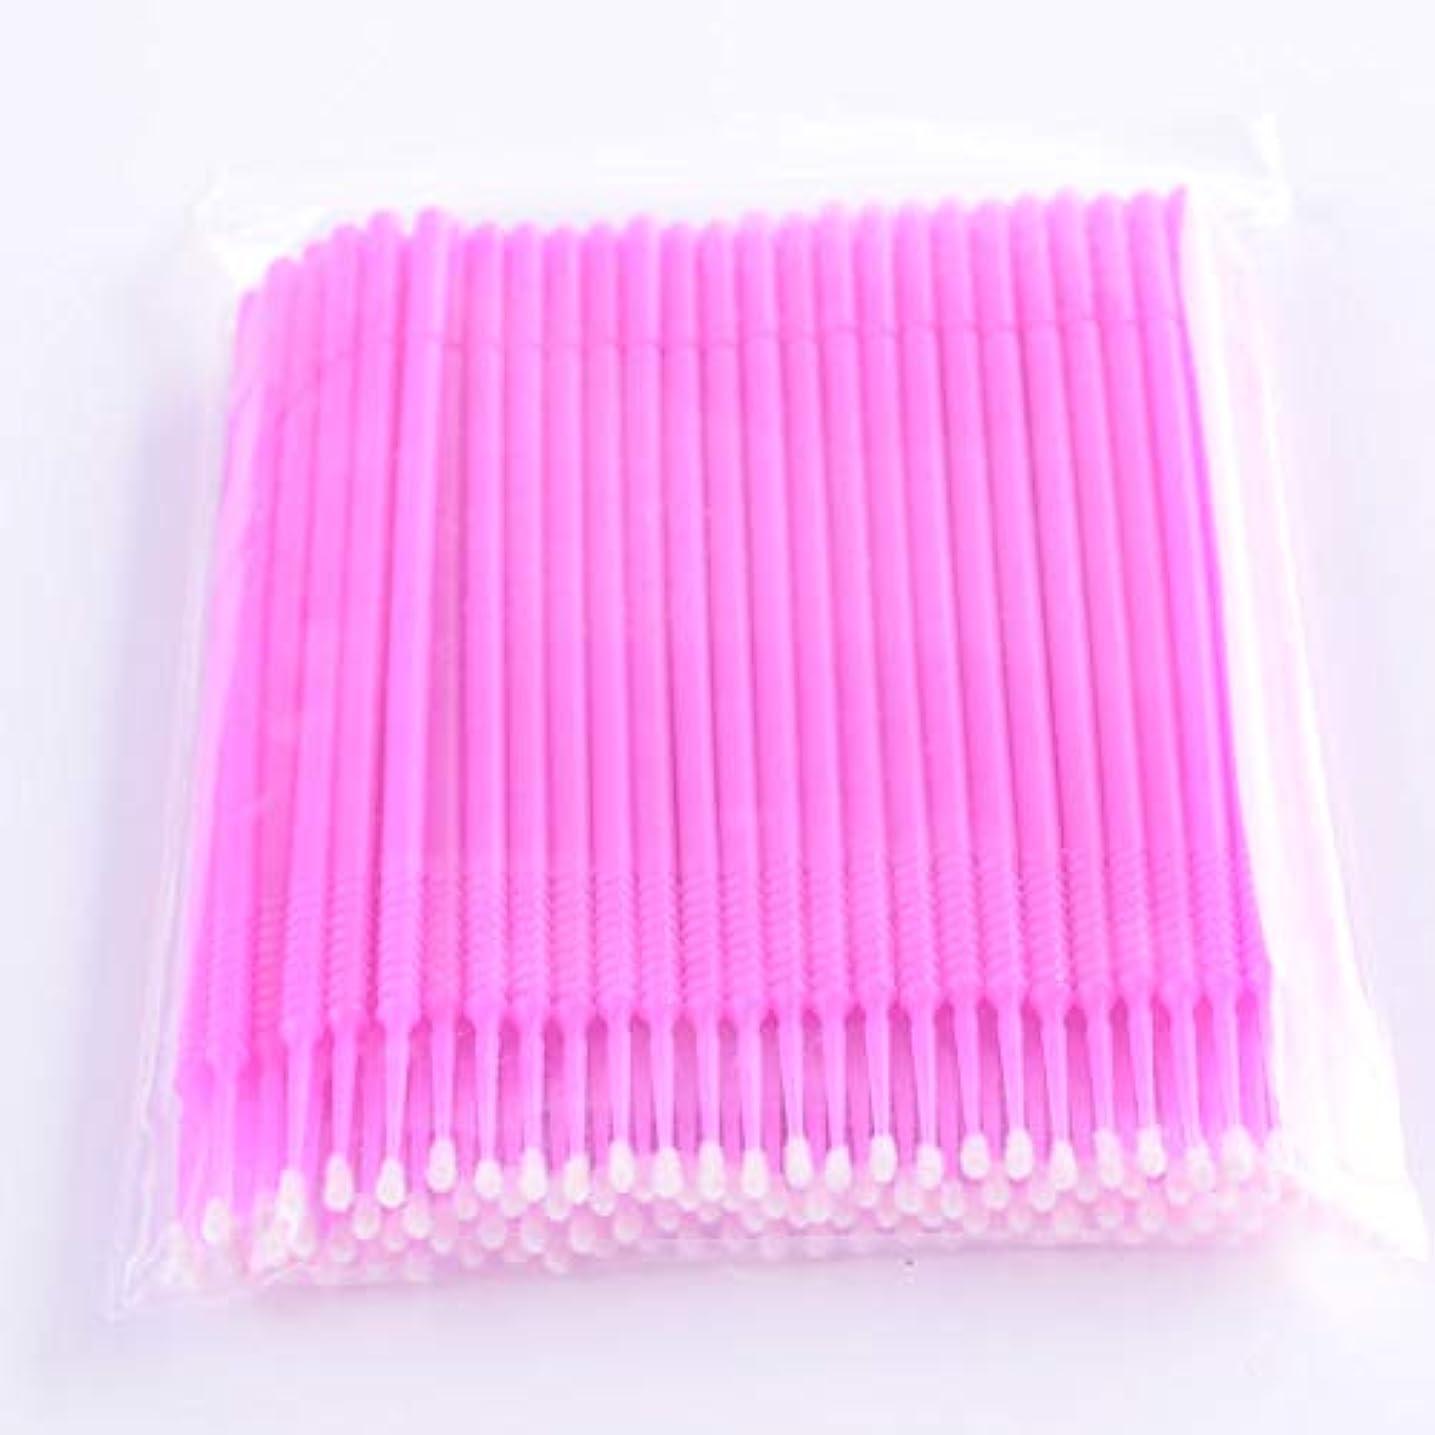 シール母音車両PLATINA LASH マイクロスティック 100本入り マイクロブラシ 使い捨て極細綿棒アプリケーター まつげエクステ用 (Fine/Pink)